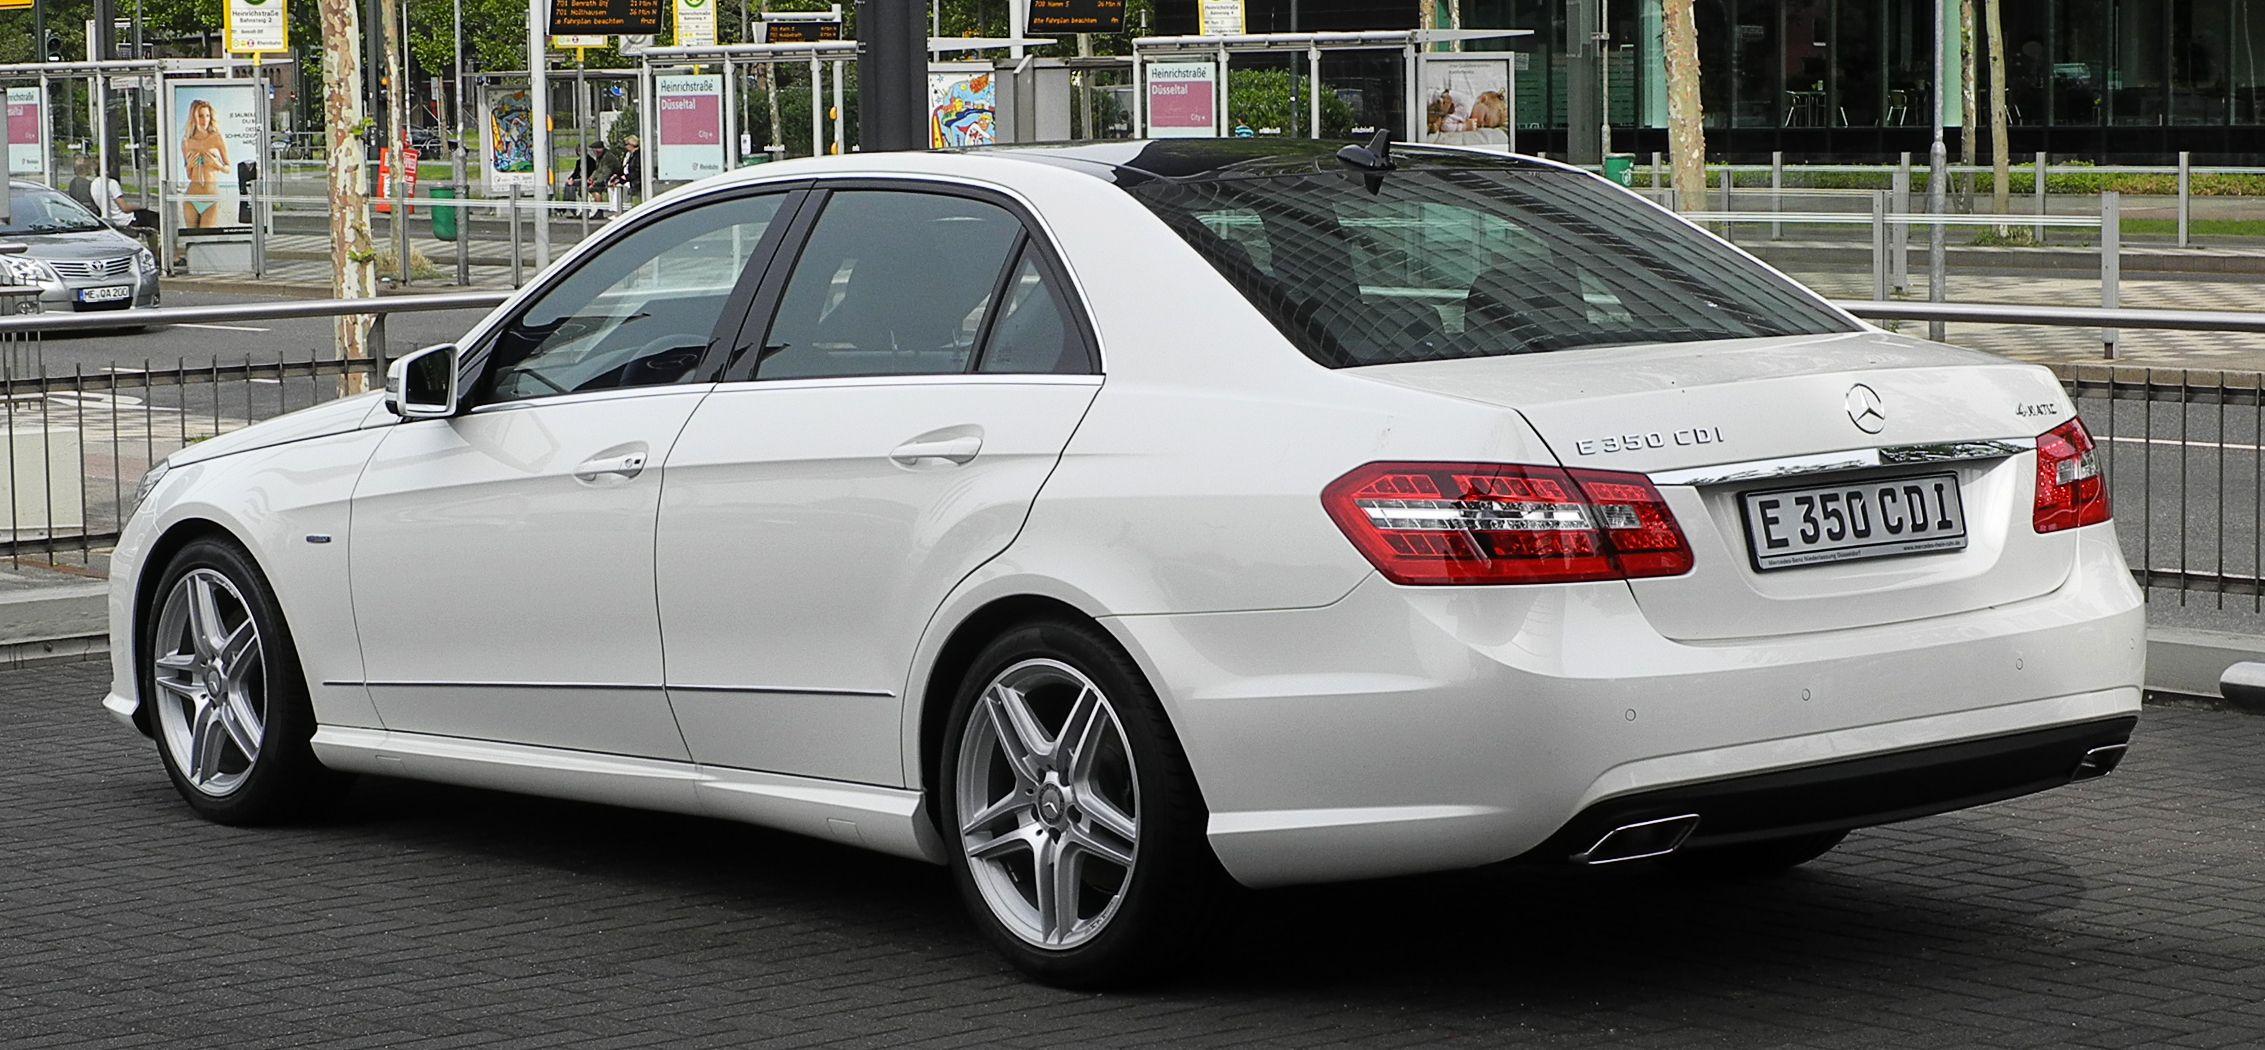 Mercedes benz e 350 cdi buscar con google mercedes for Google mercedes benz